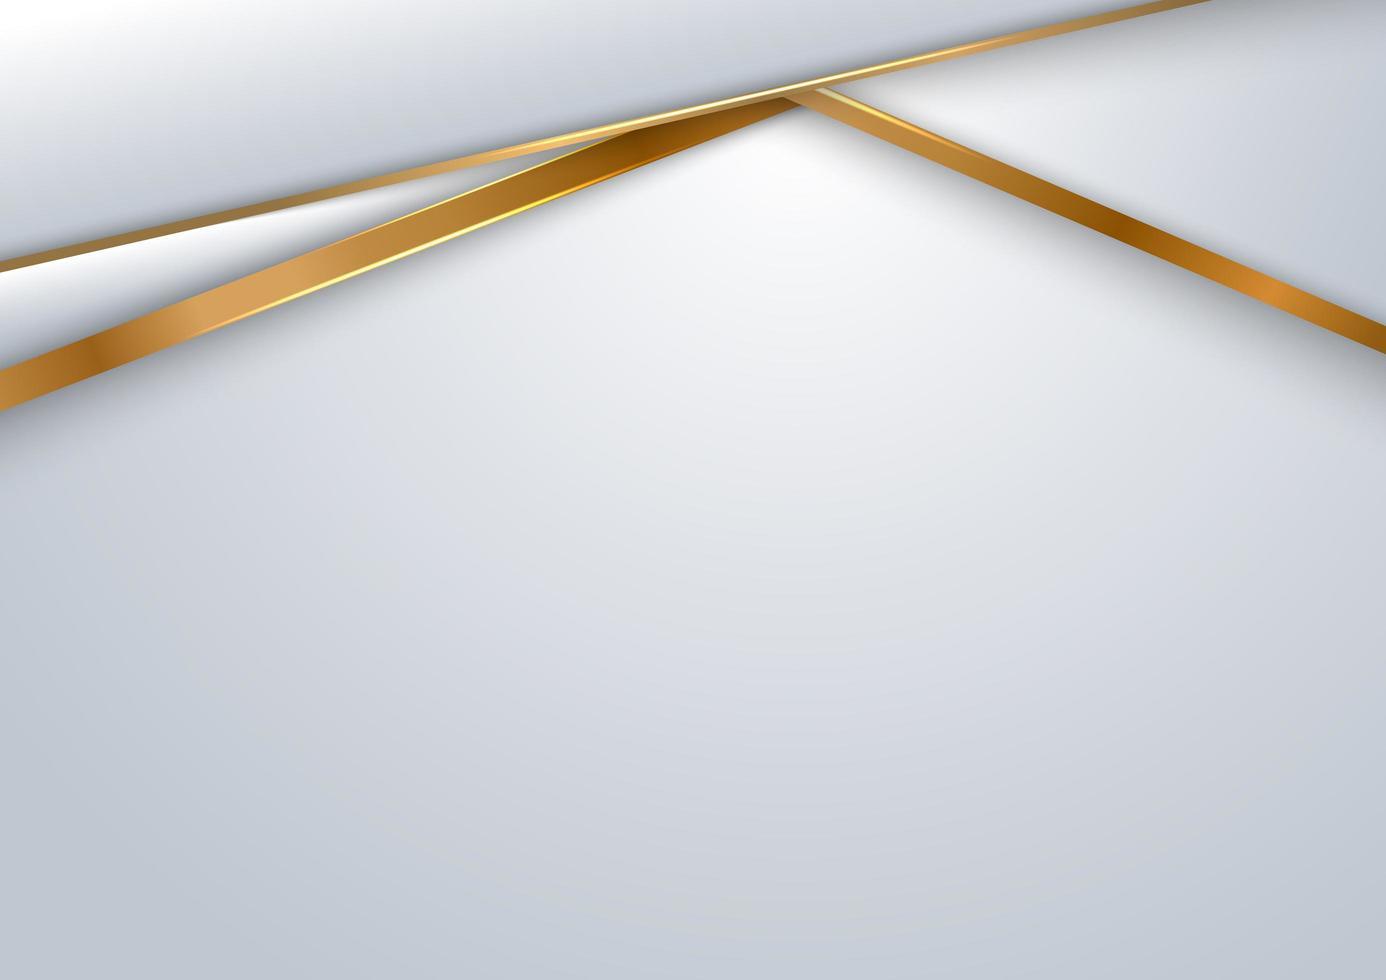 abstrakt vitt och grått med guld lyxig bakgrund vektor